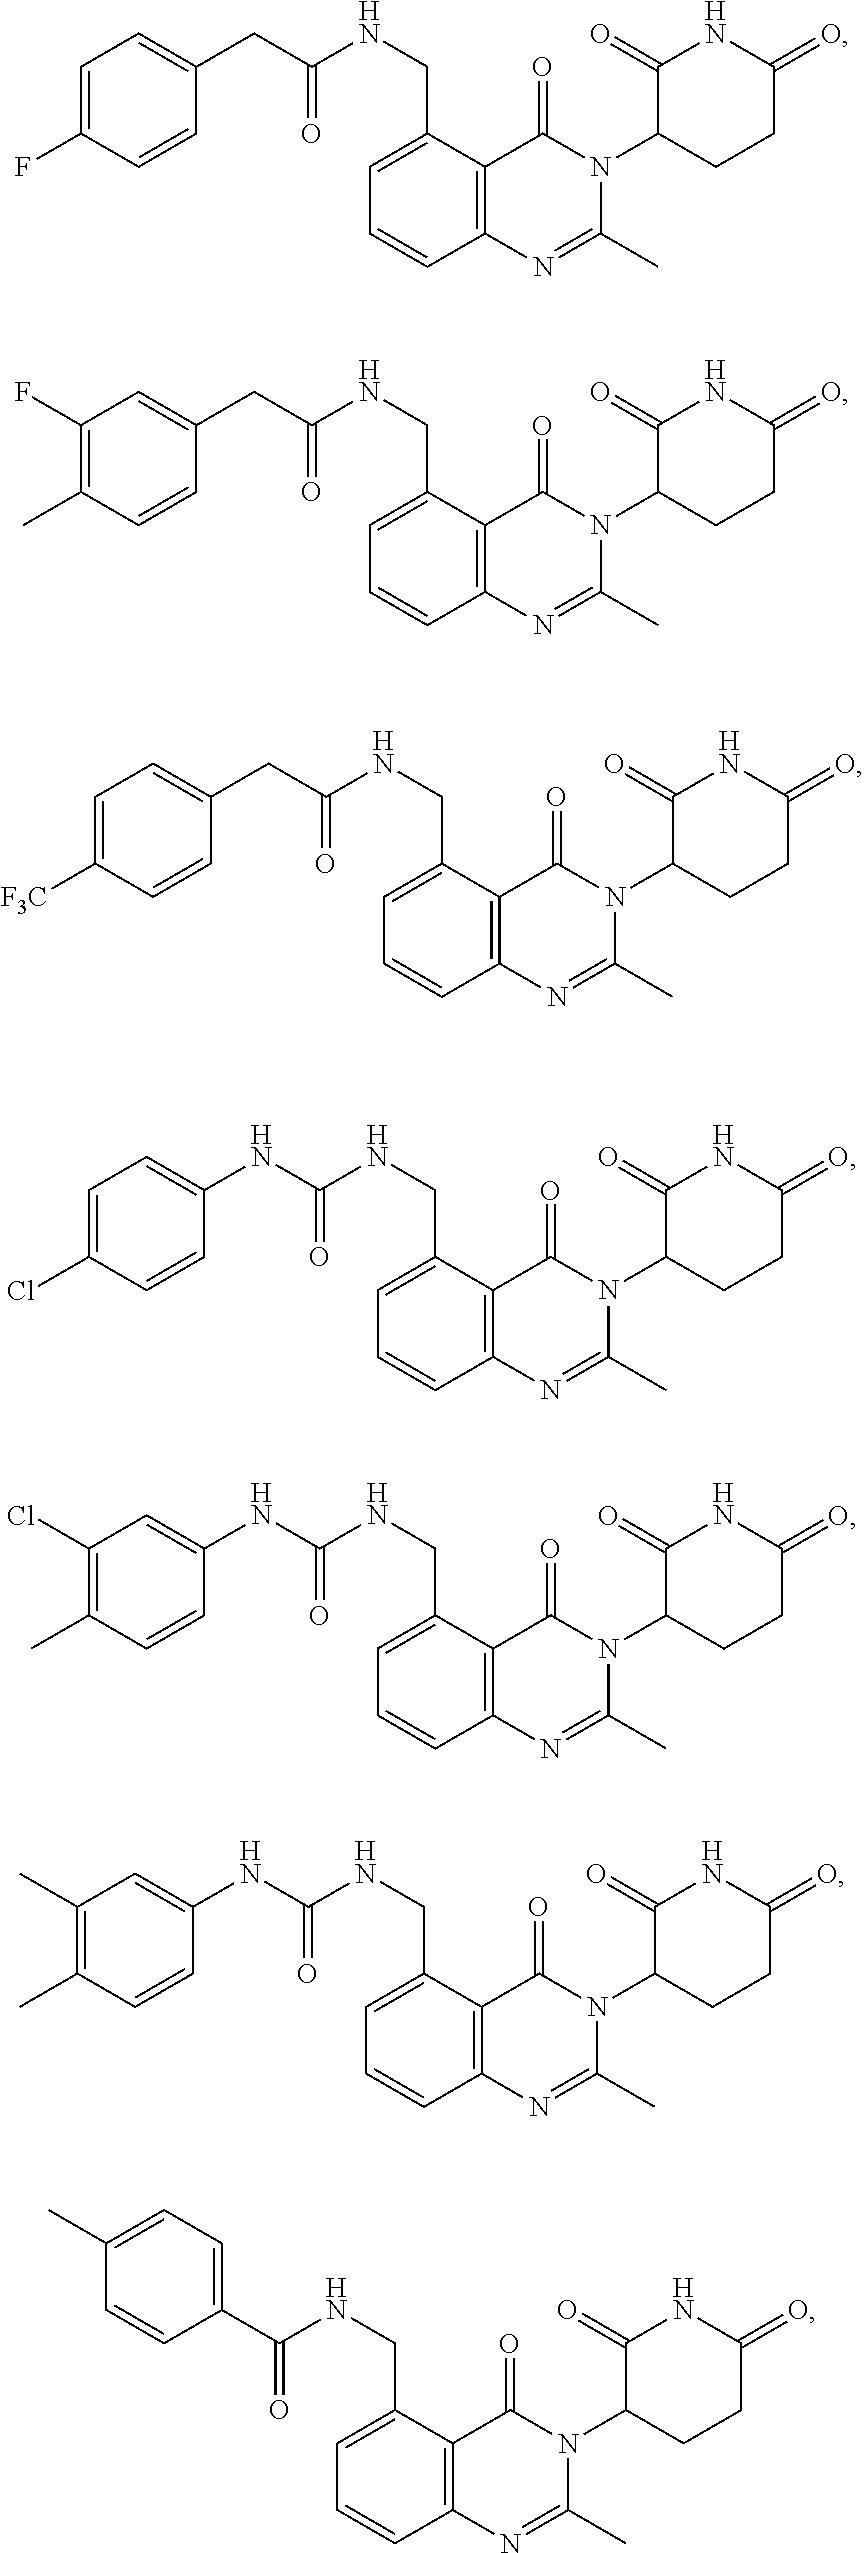 Figure US09587281-20170307-C00040